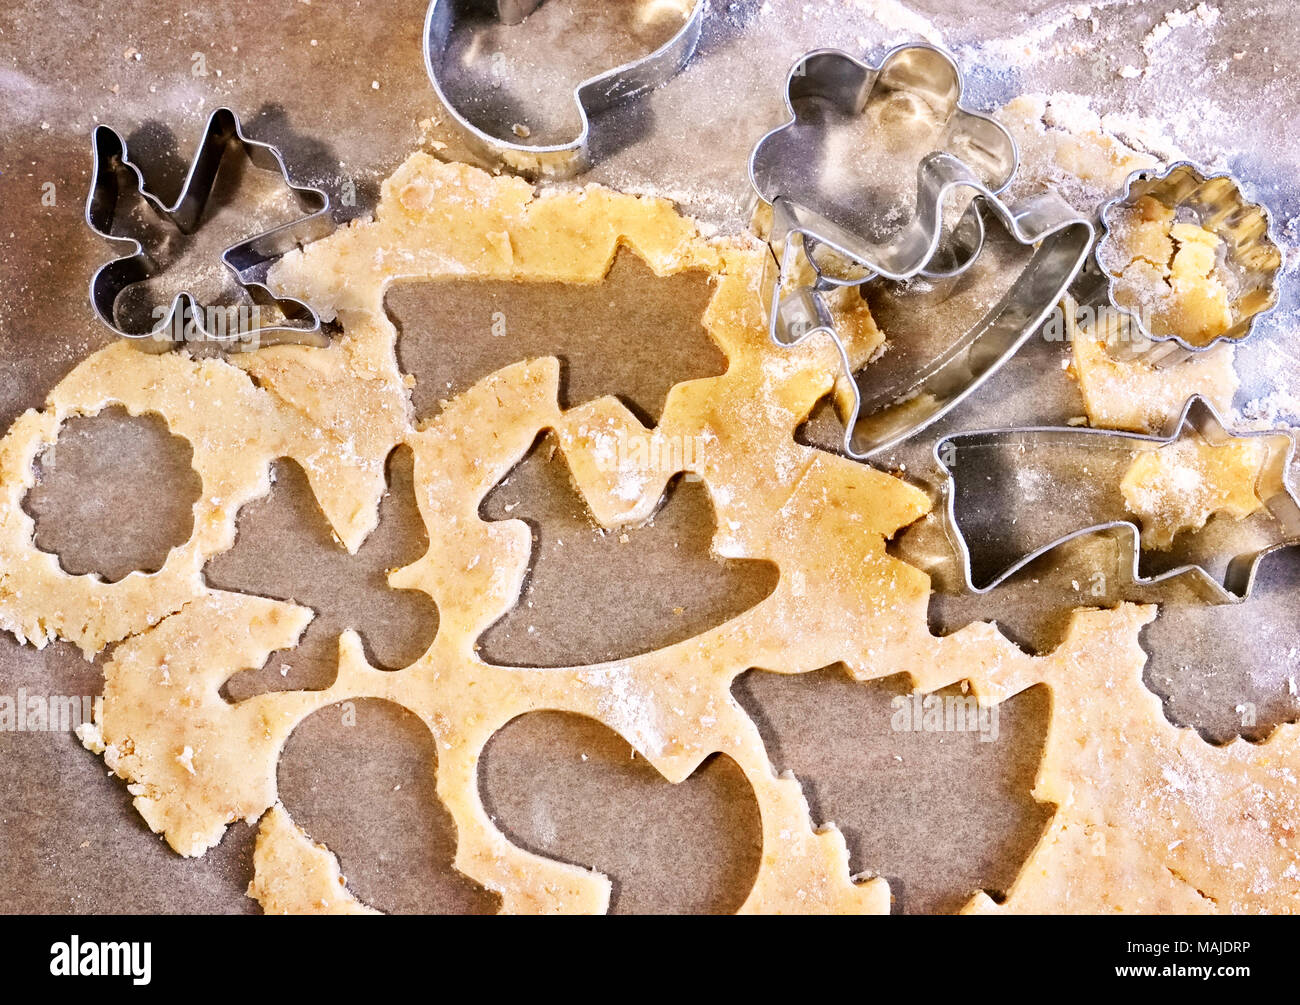 Kekse Backen Weihnachten.Weihnachten Backen Cookie Vorbereitung Verschiedene Arten